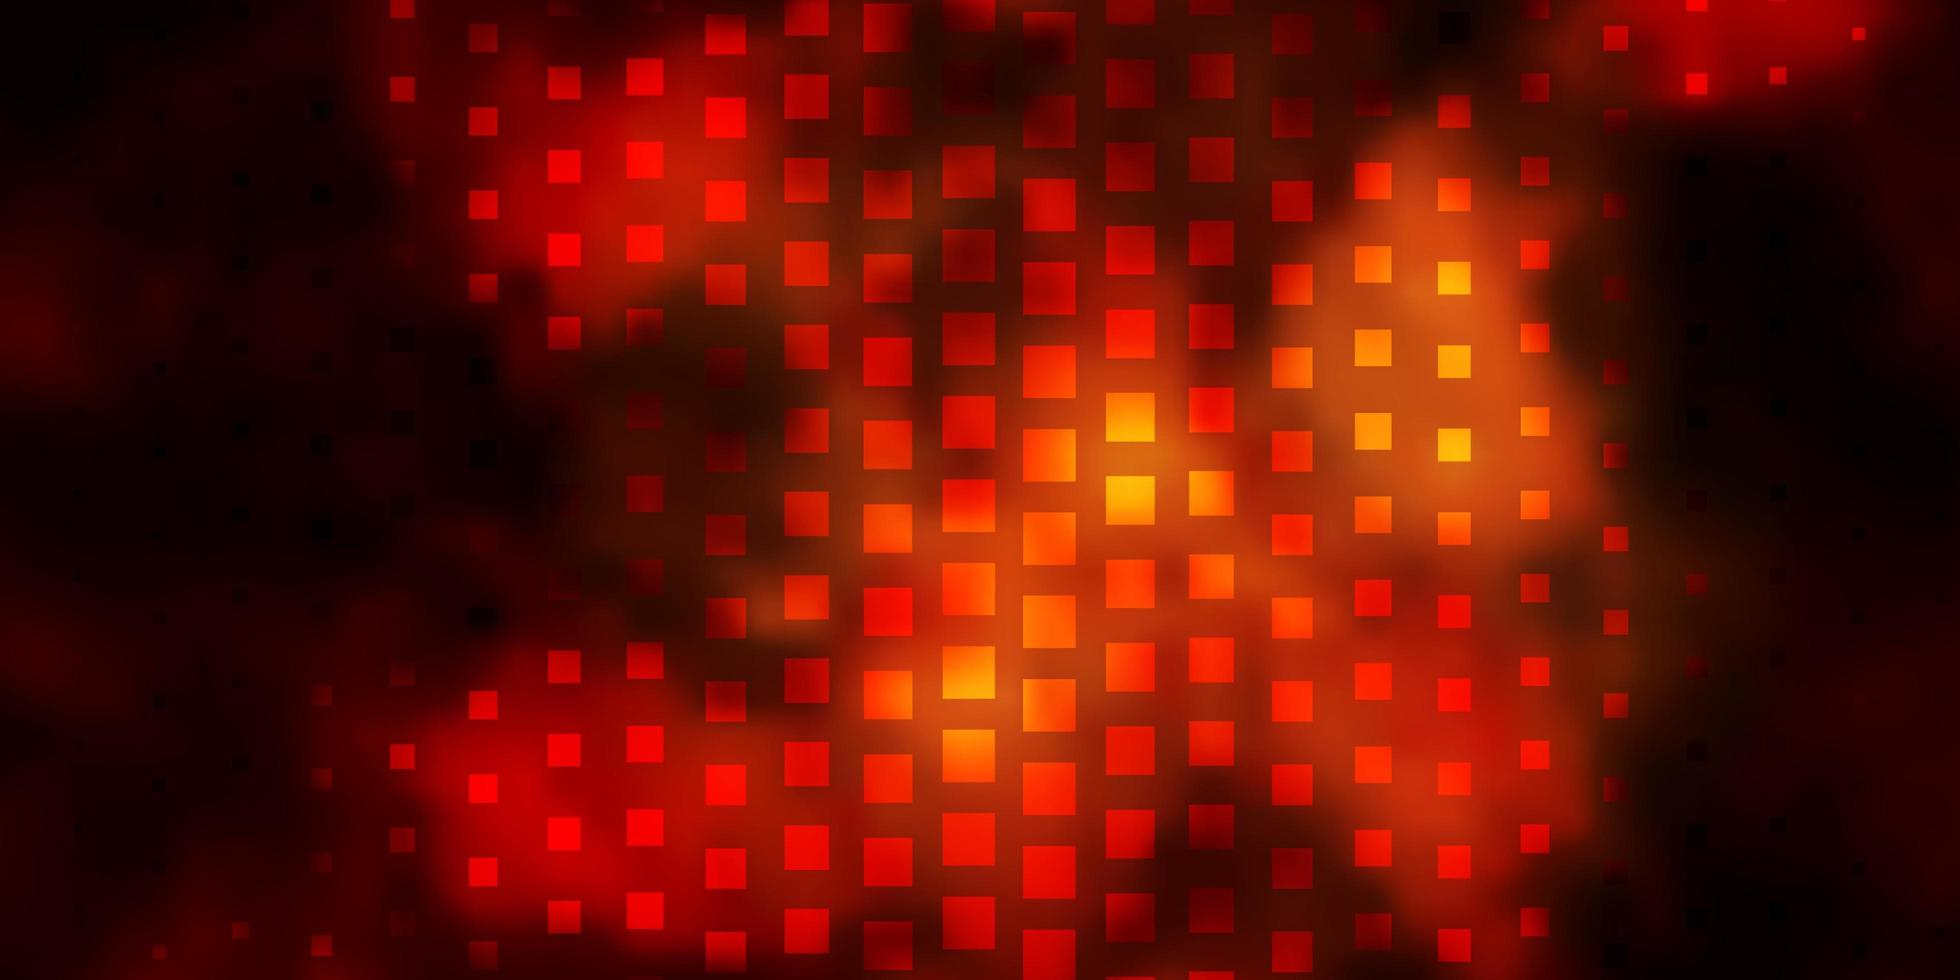 mörkgul vektormall i rektanglar. vektor